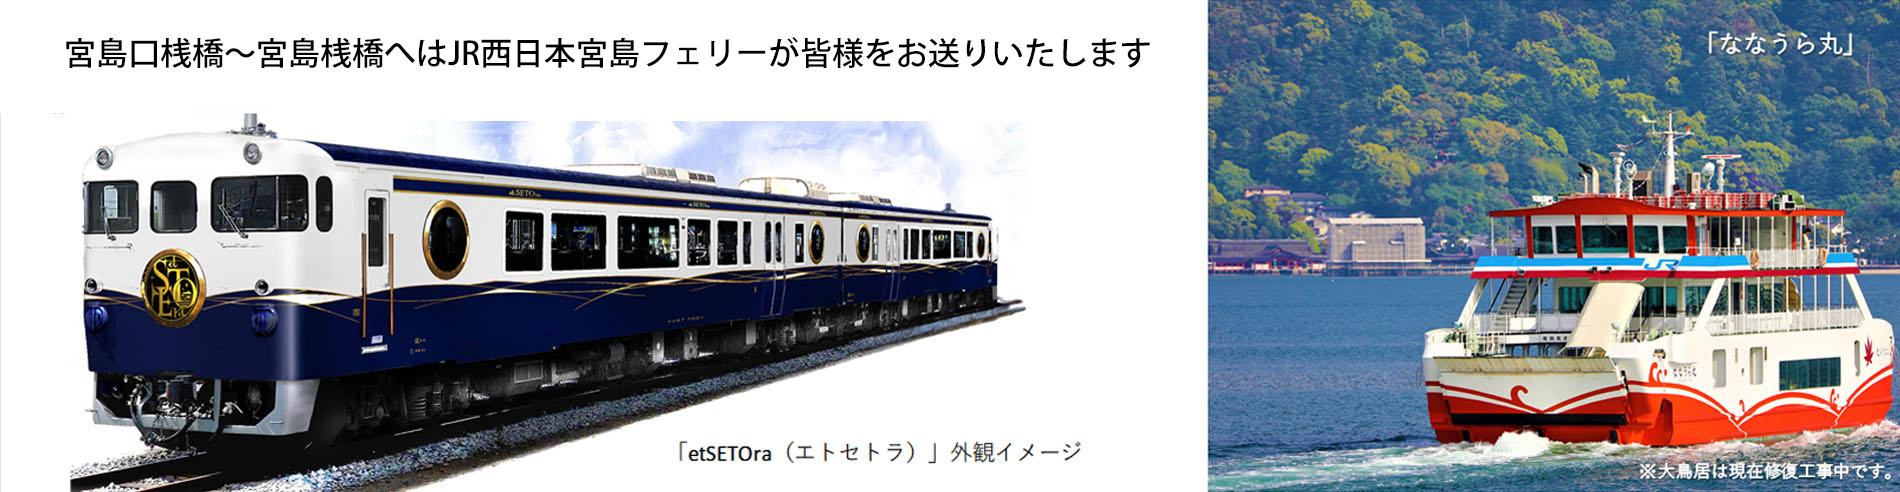 ミタイケンひろしま、せとうち広島デスティネーションキャンペーン 2020.10/1~12/31まで開催